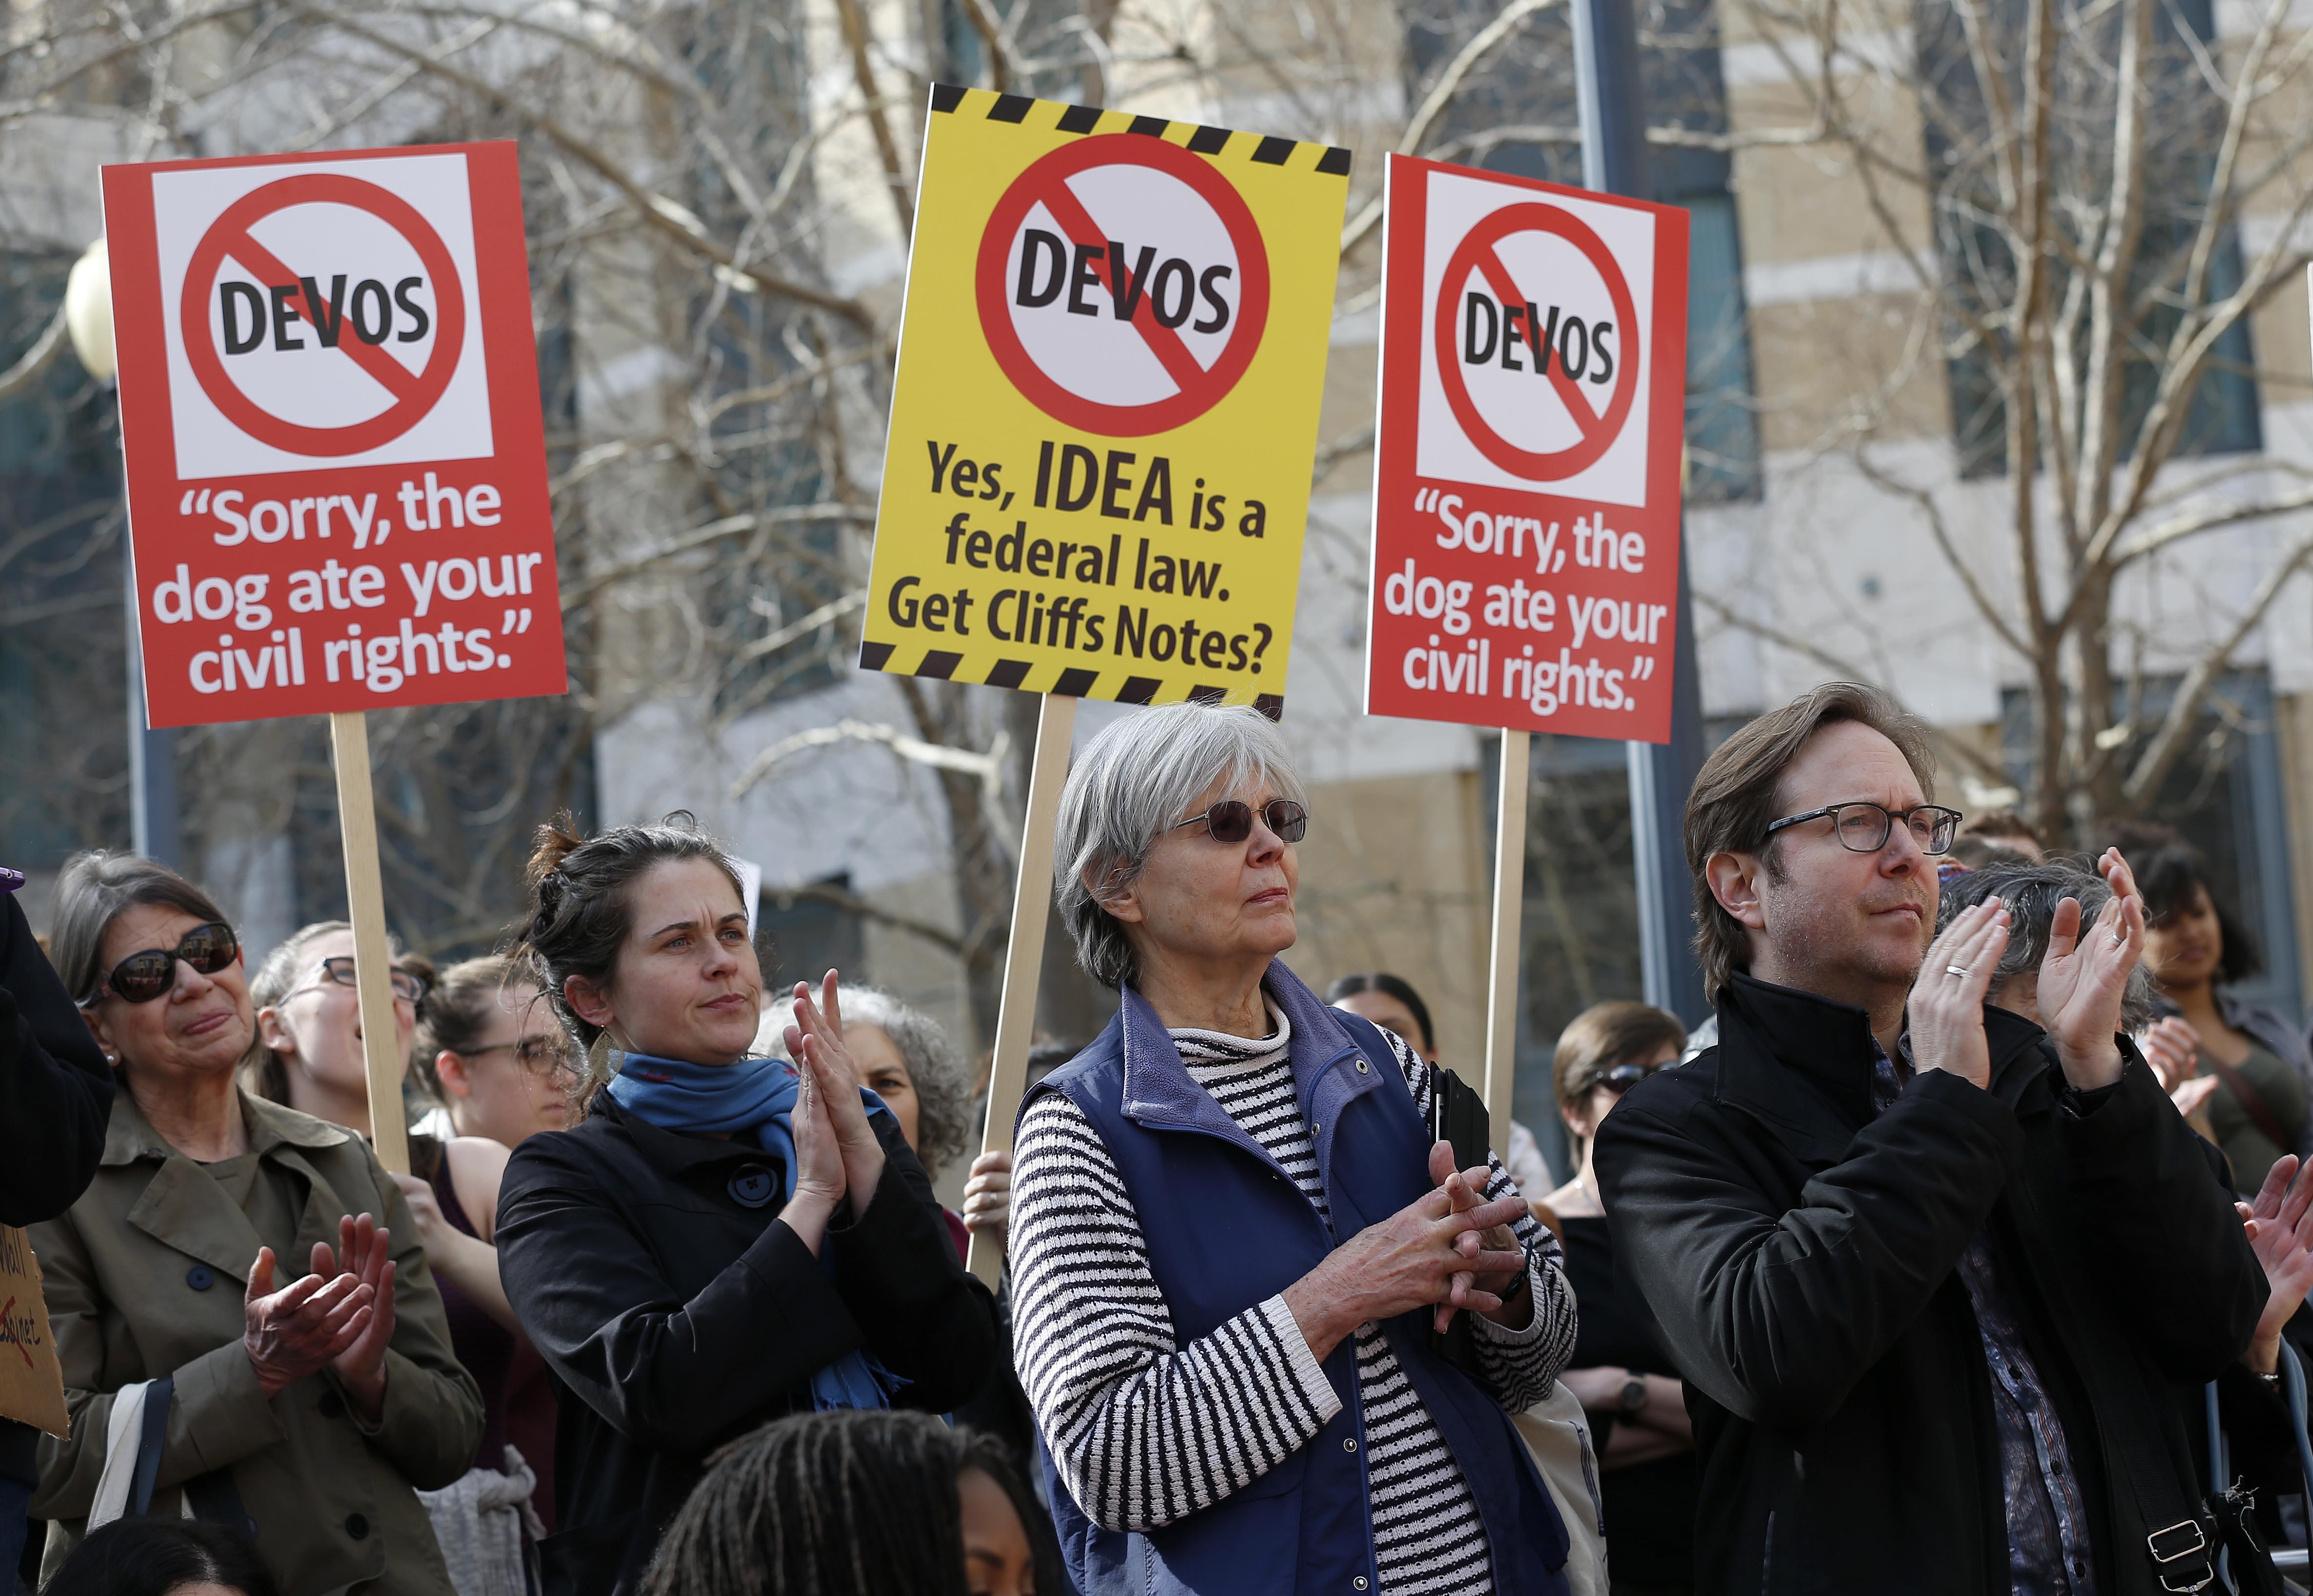 Image result for photos of rallies v devos